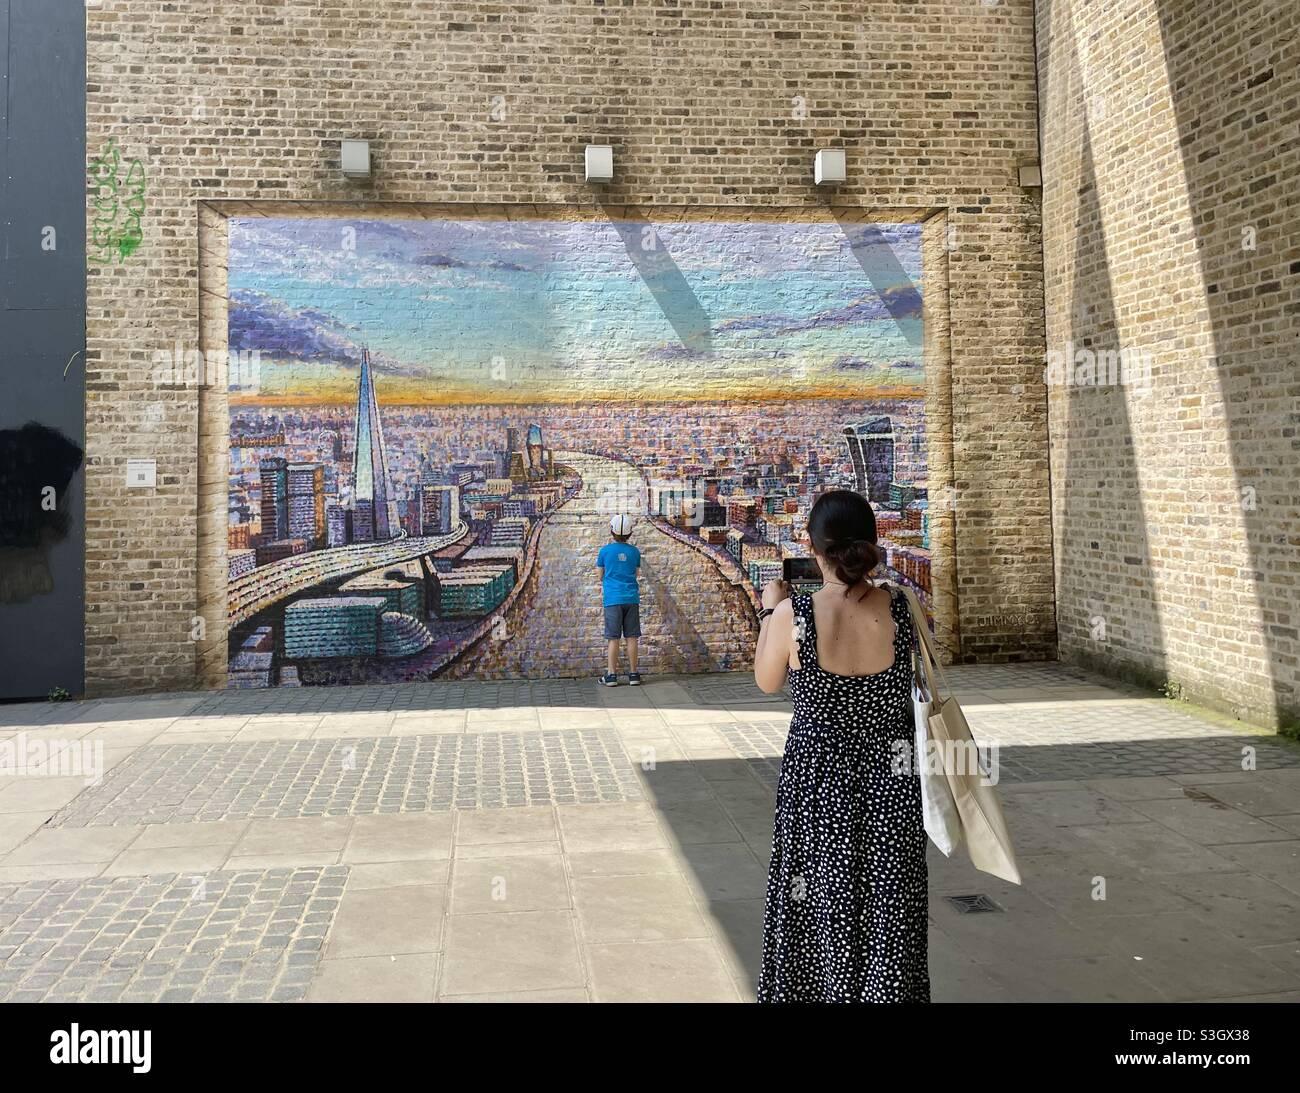 Frau fotografierte ihre junge Sonne vor einer Moral von london am Südufer Stockfoto